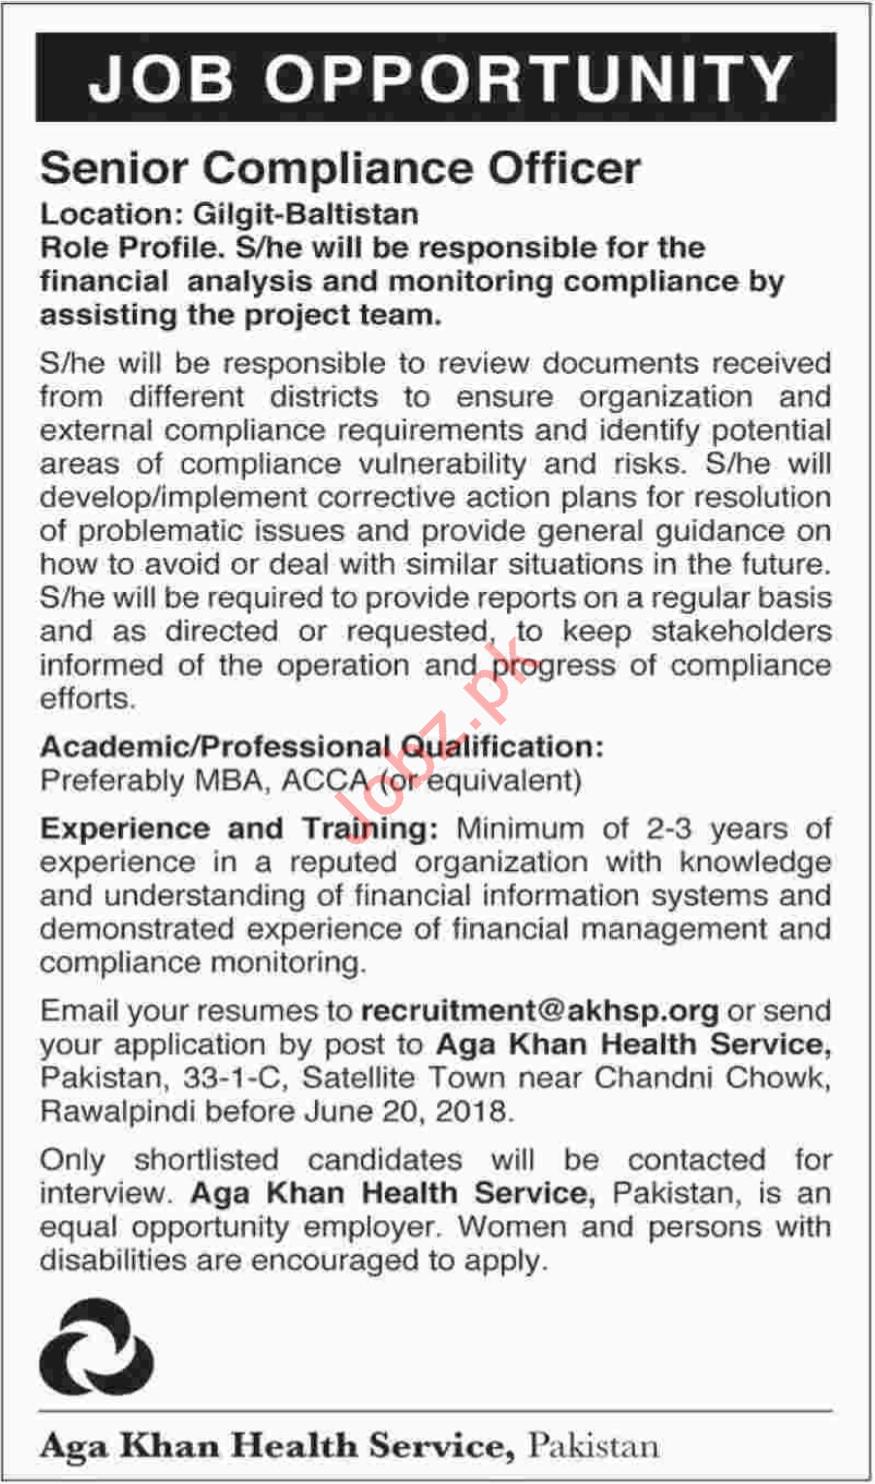 Senior Compliance Officer Jobs 2018 in Gilgit